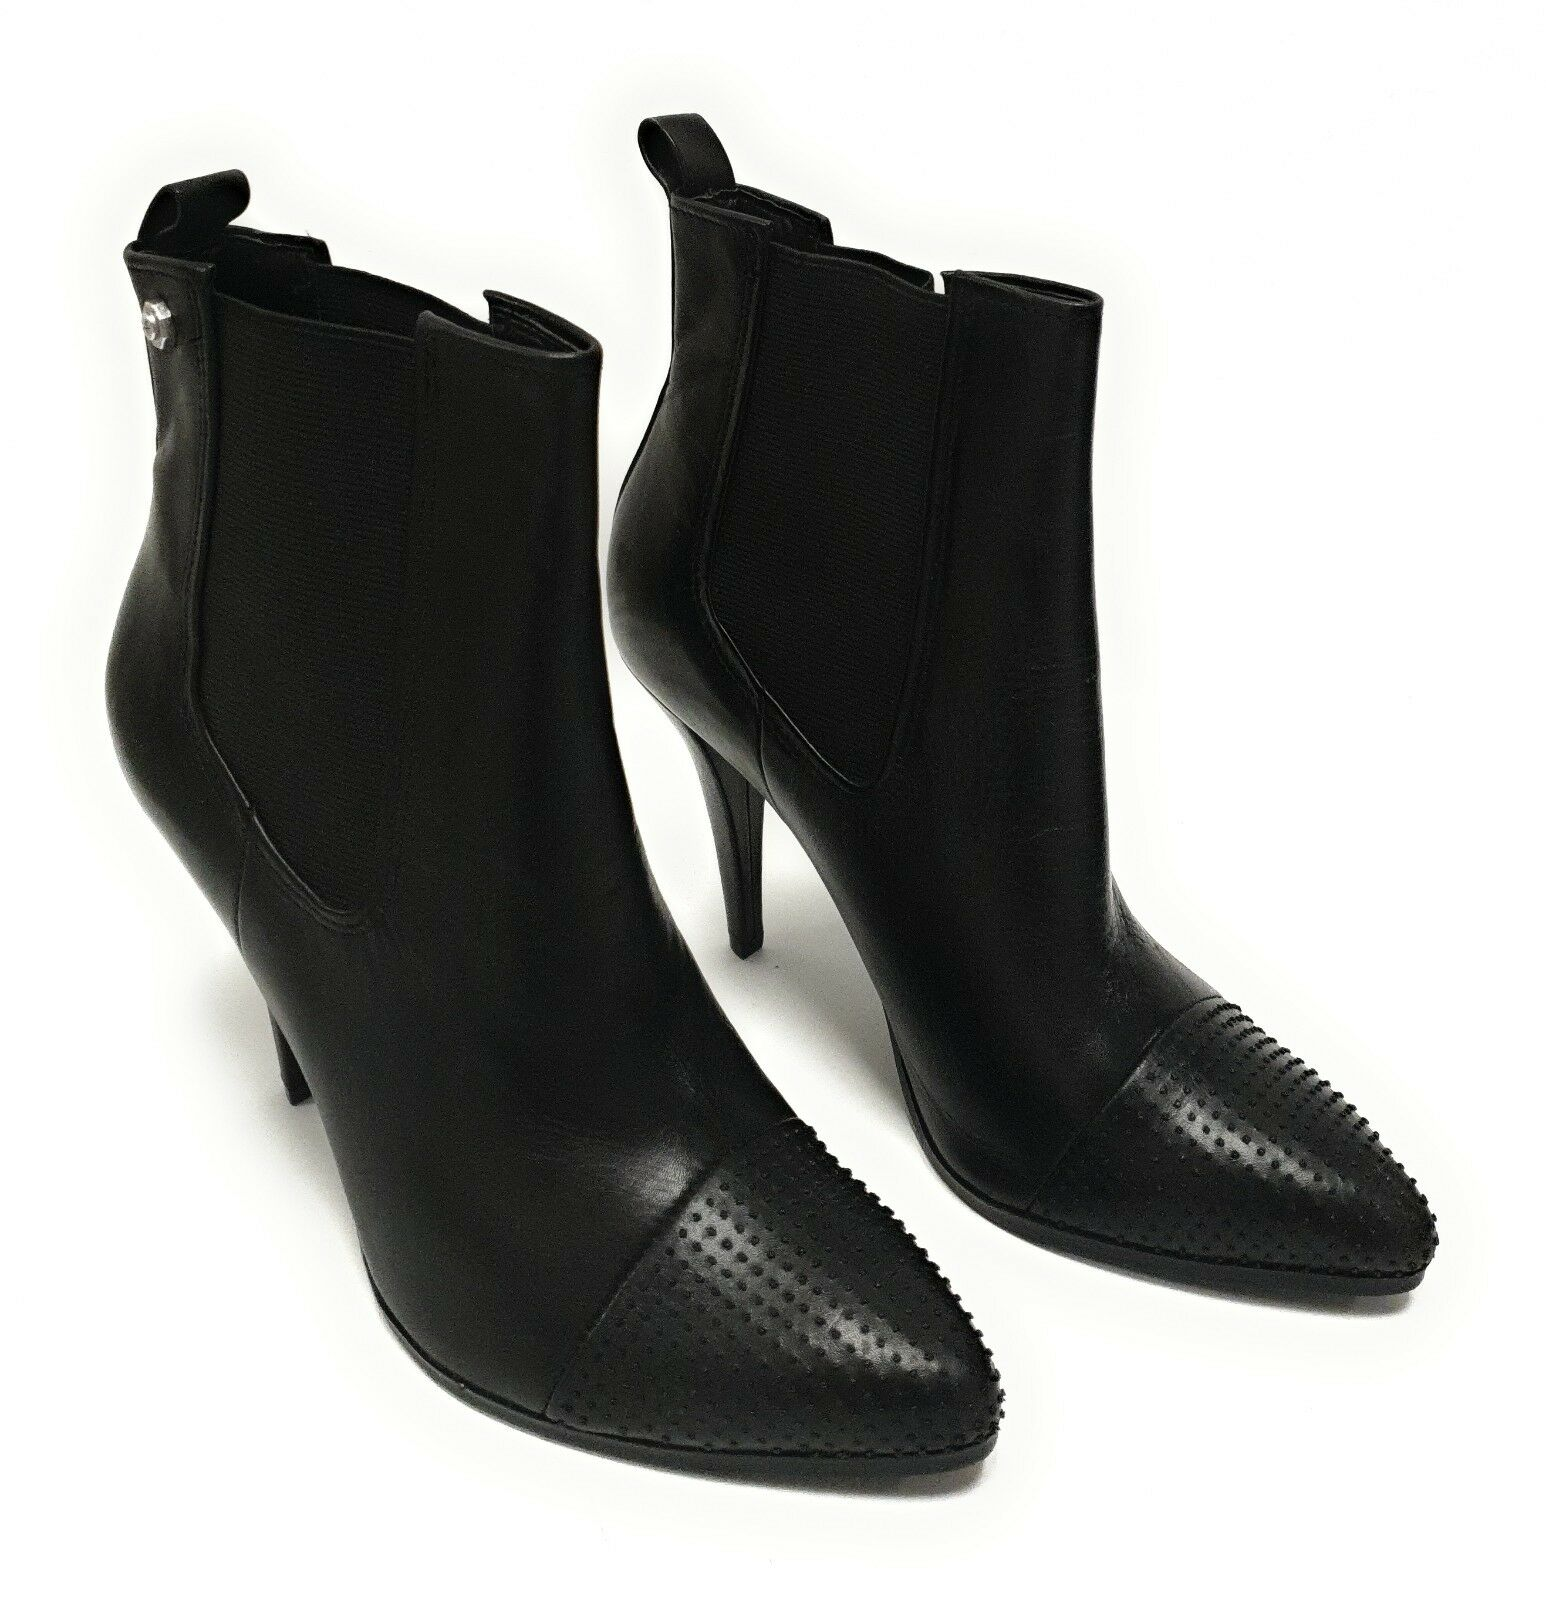 DIESEL Cubist Rock Damen Stiefel damen schuhe Cowboy Stiefel Leder Stiefeletten Z1   | Moderne und elegante Mode